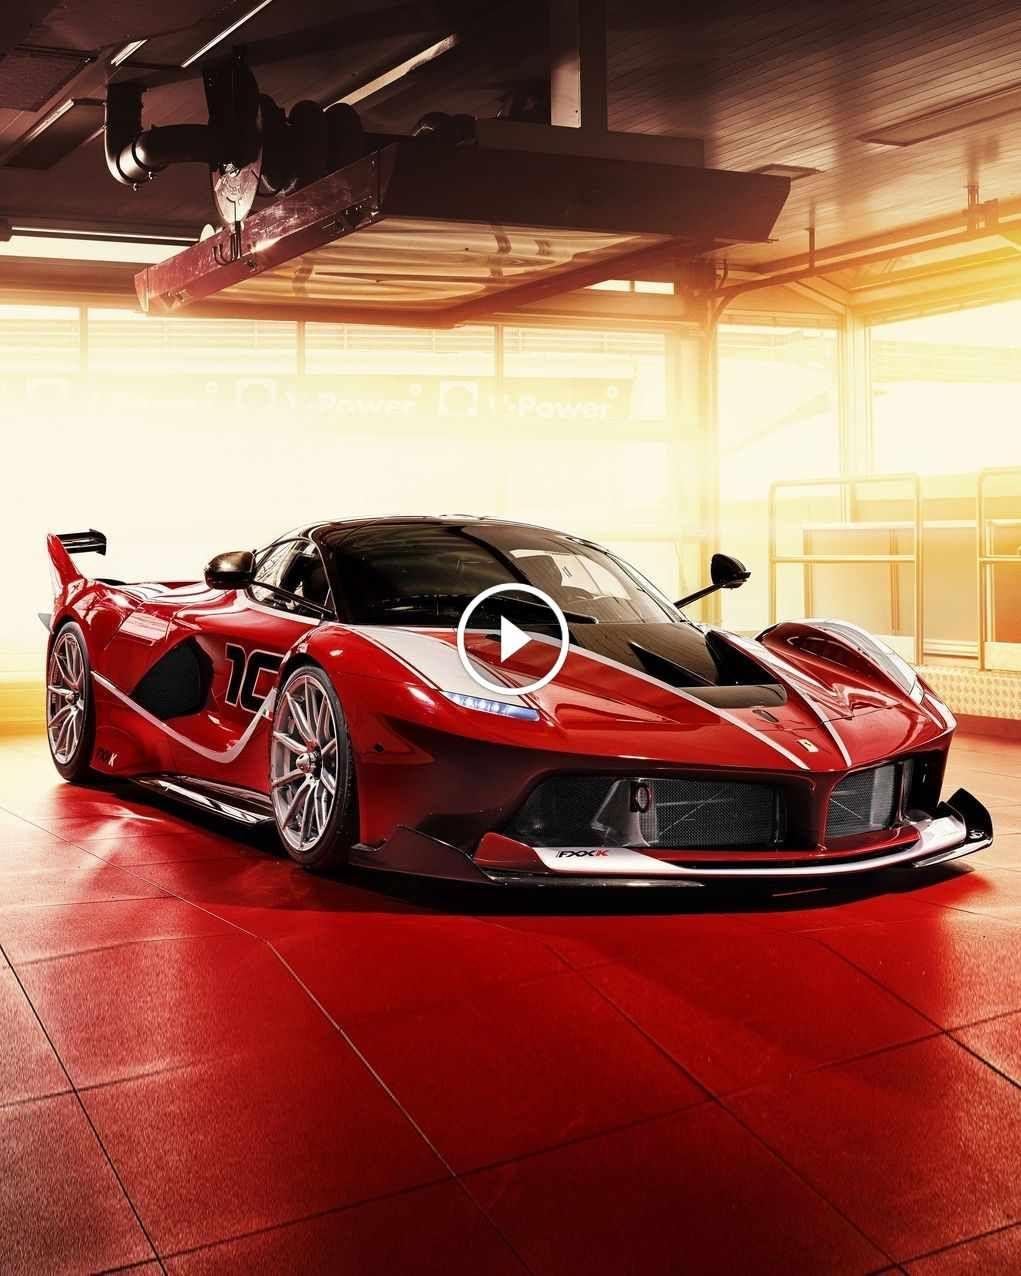 quot,quotdescription_htmlquotquot2013 Ferrari 458 Italia Spider